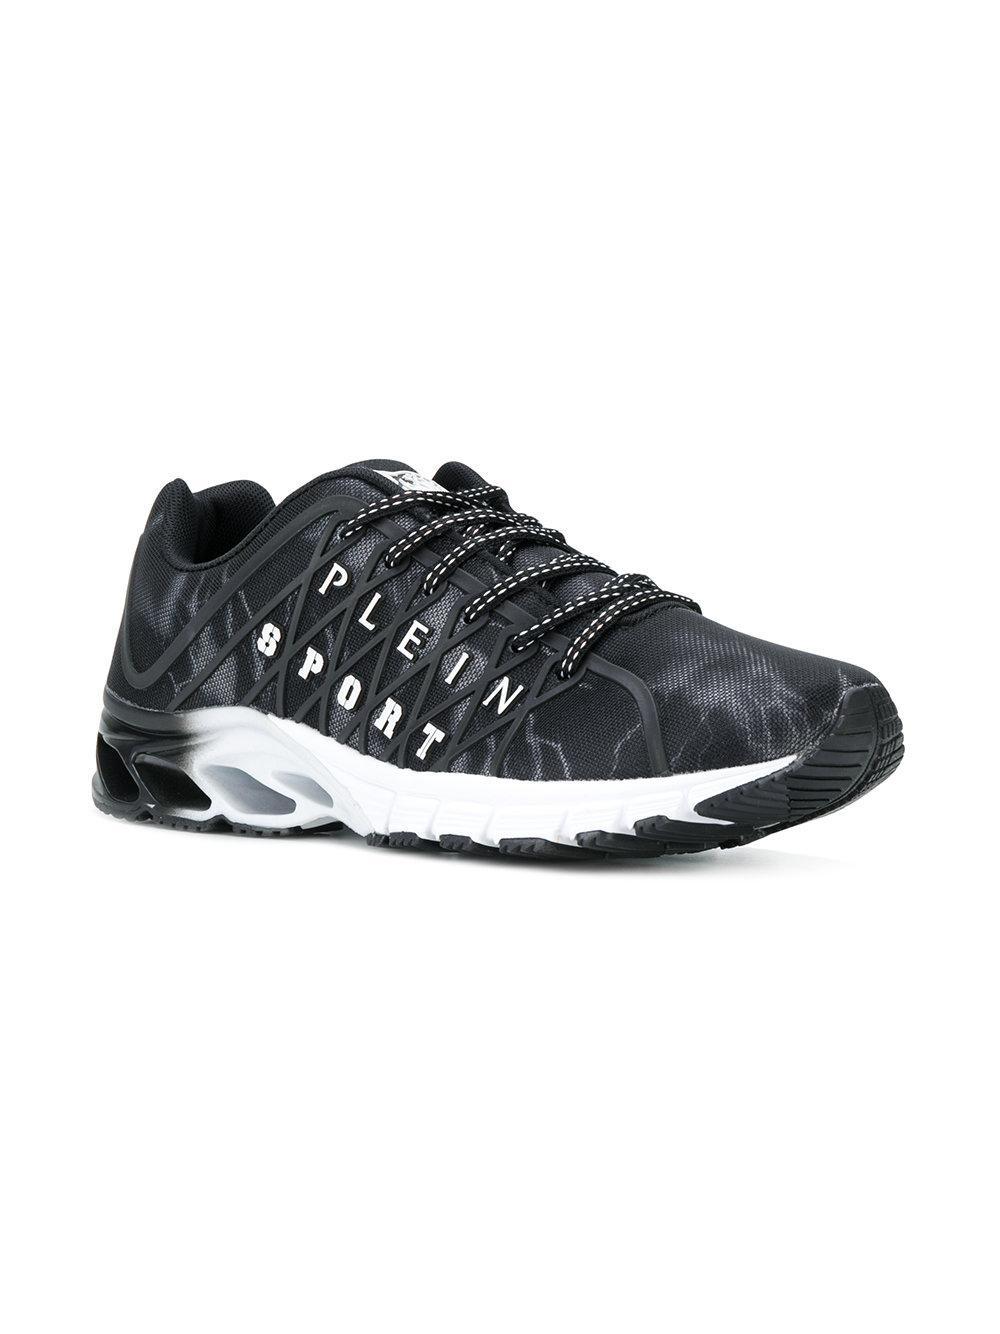 Philipp Plein Hackett Runner sneakers